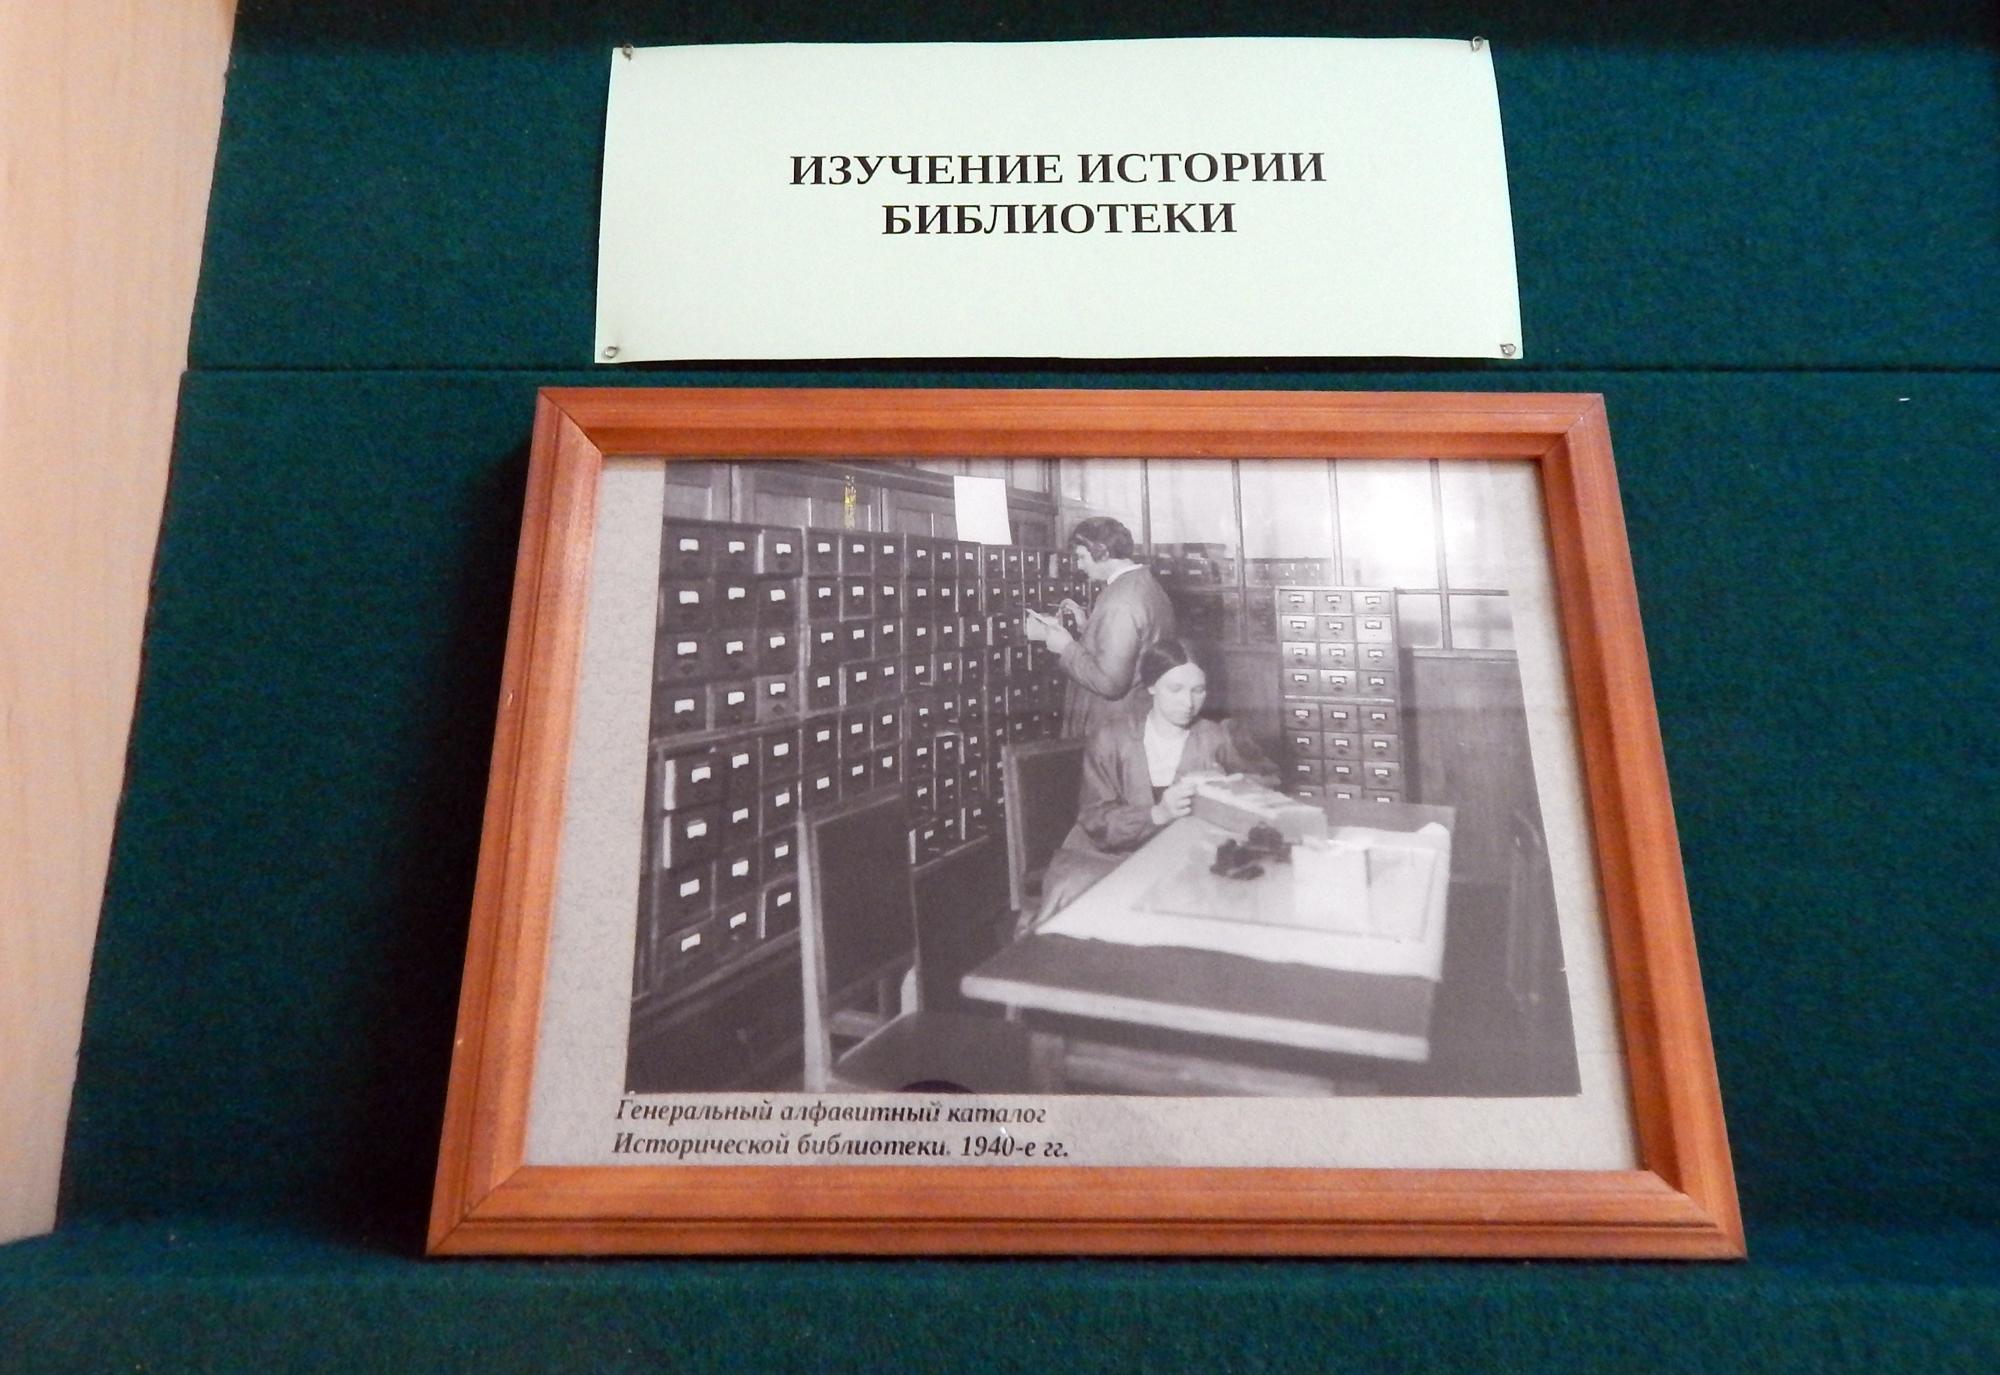 Выставка «Научная жизнь Исторической библиотеки. Страницы истории» – события на сайте «Московские Сезоны»